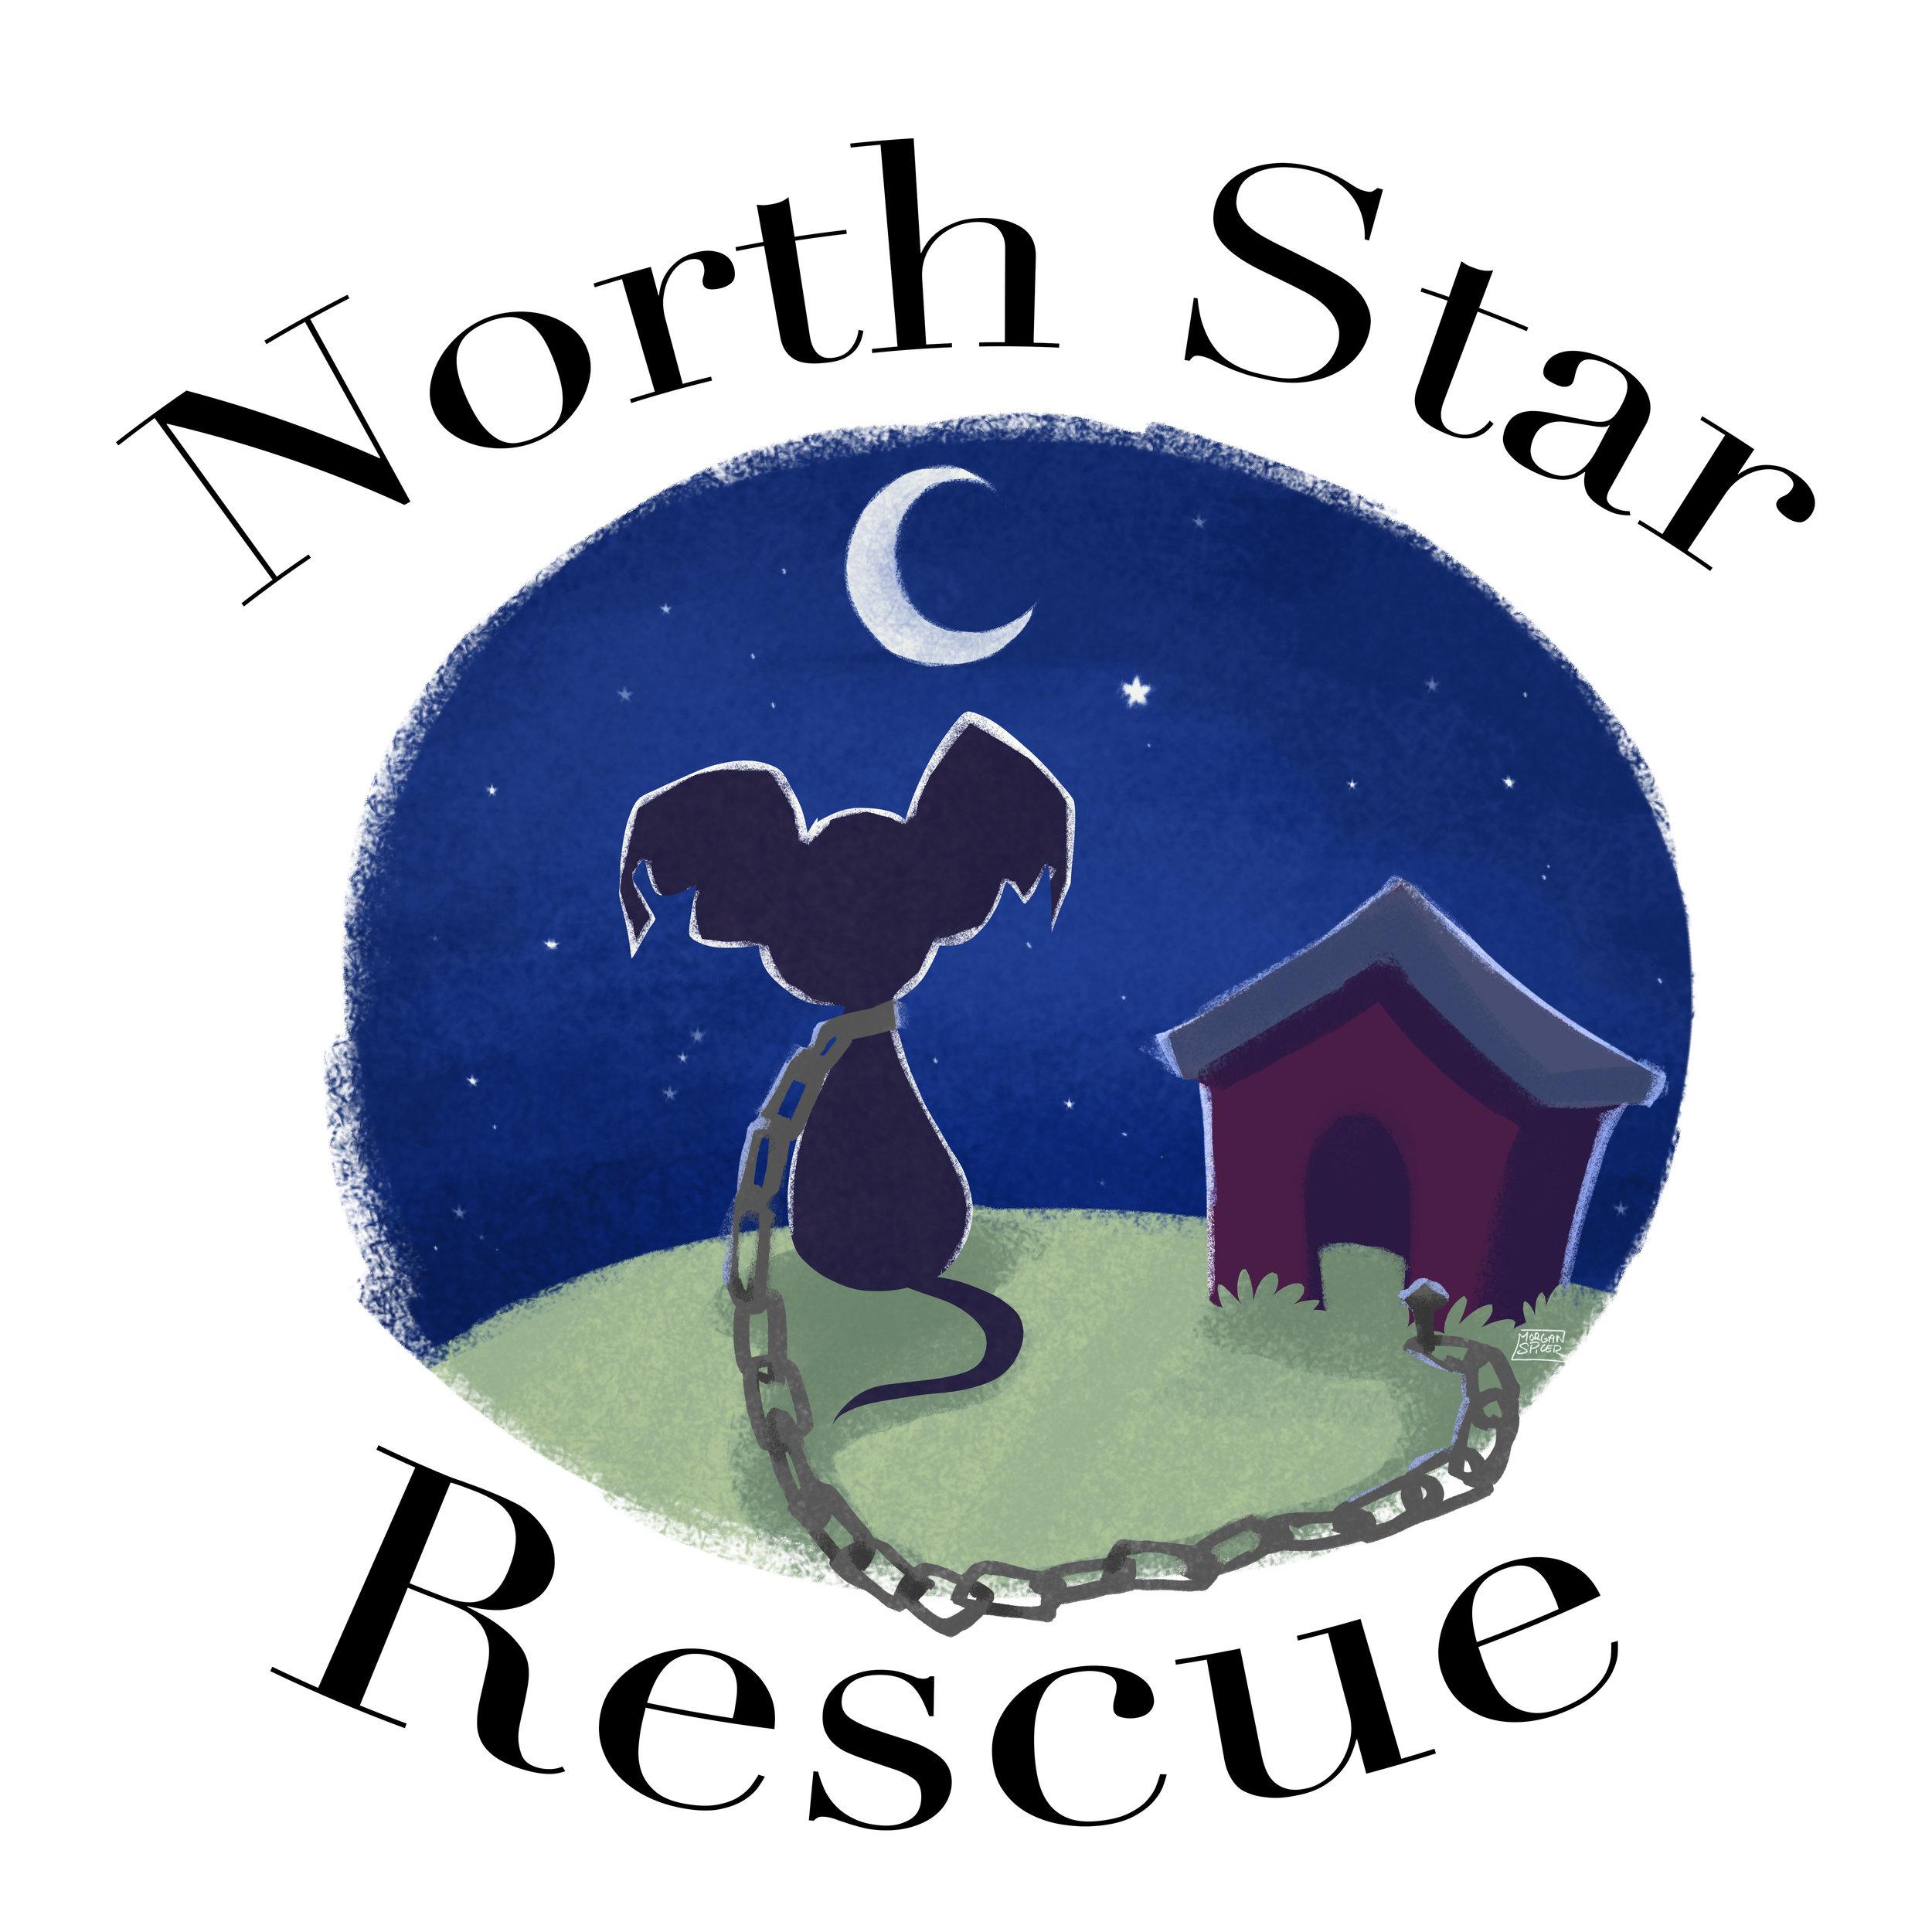 Blue_logo_NorthStar.jpg